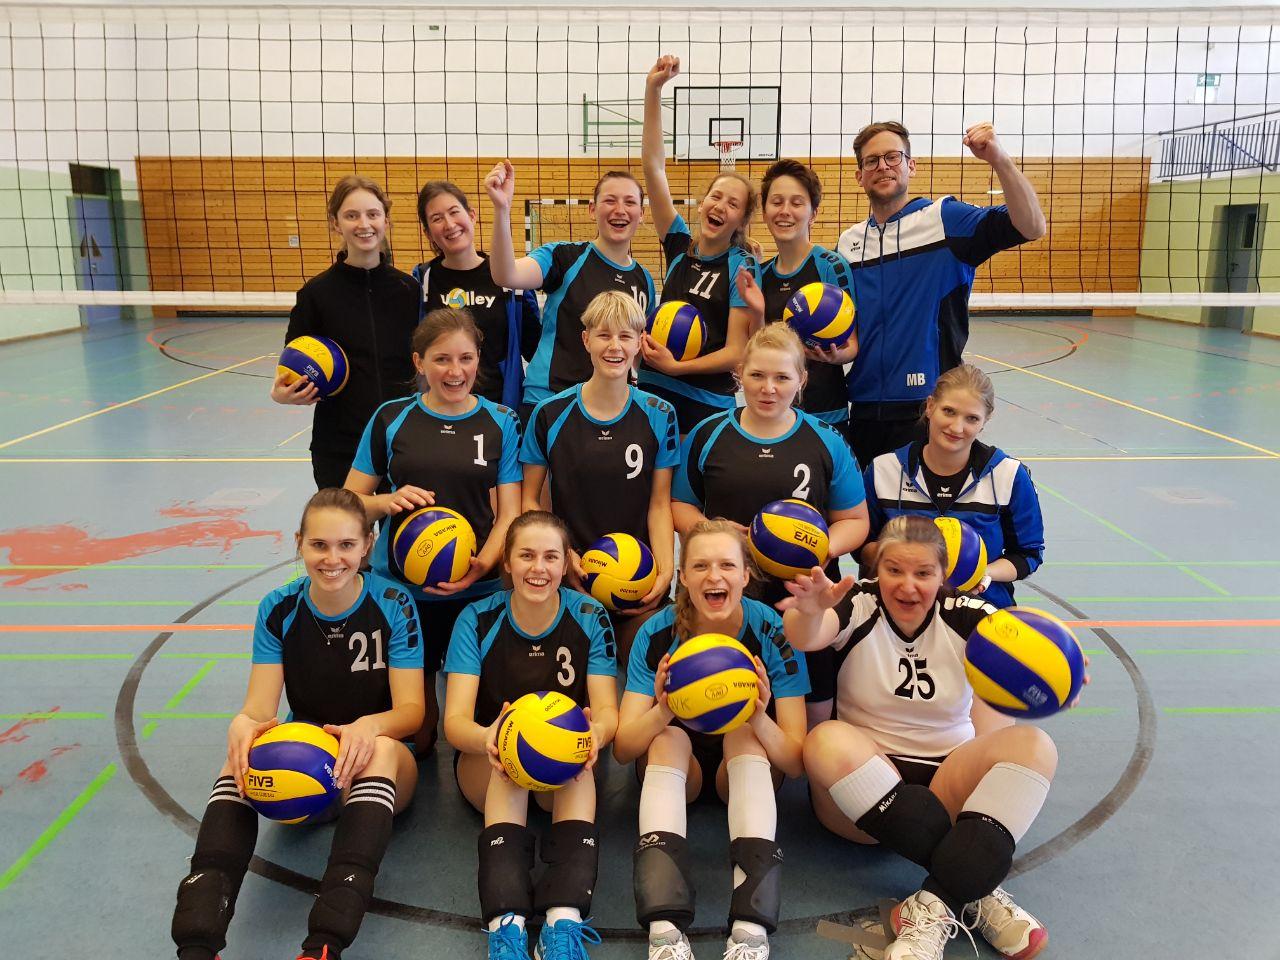 Damen2 Relegation 14.04.2018 Aufstieg sv salamander kornwestheim volleyball